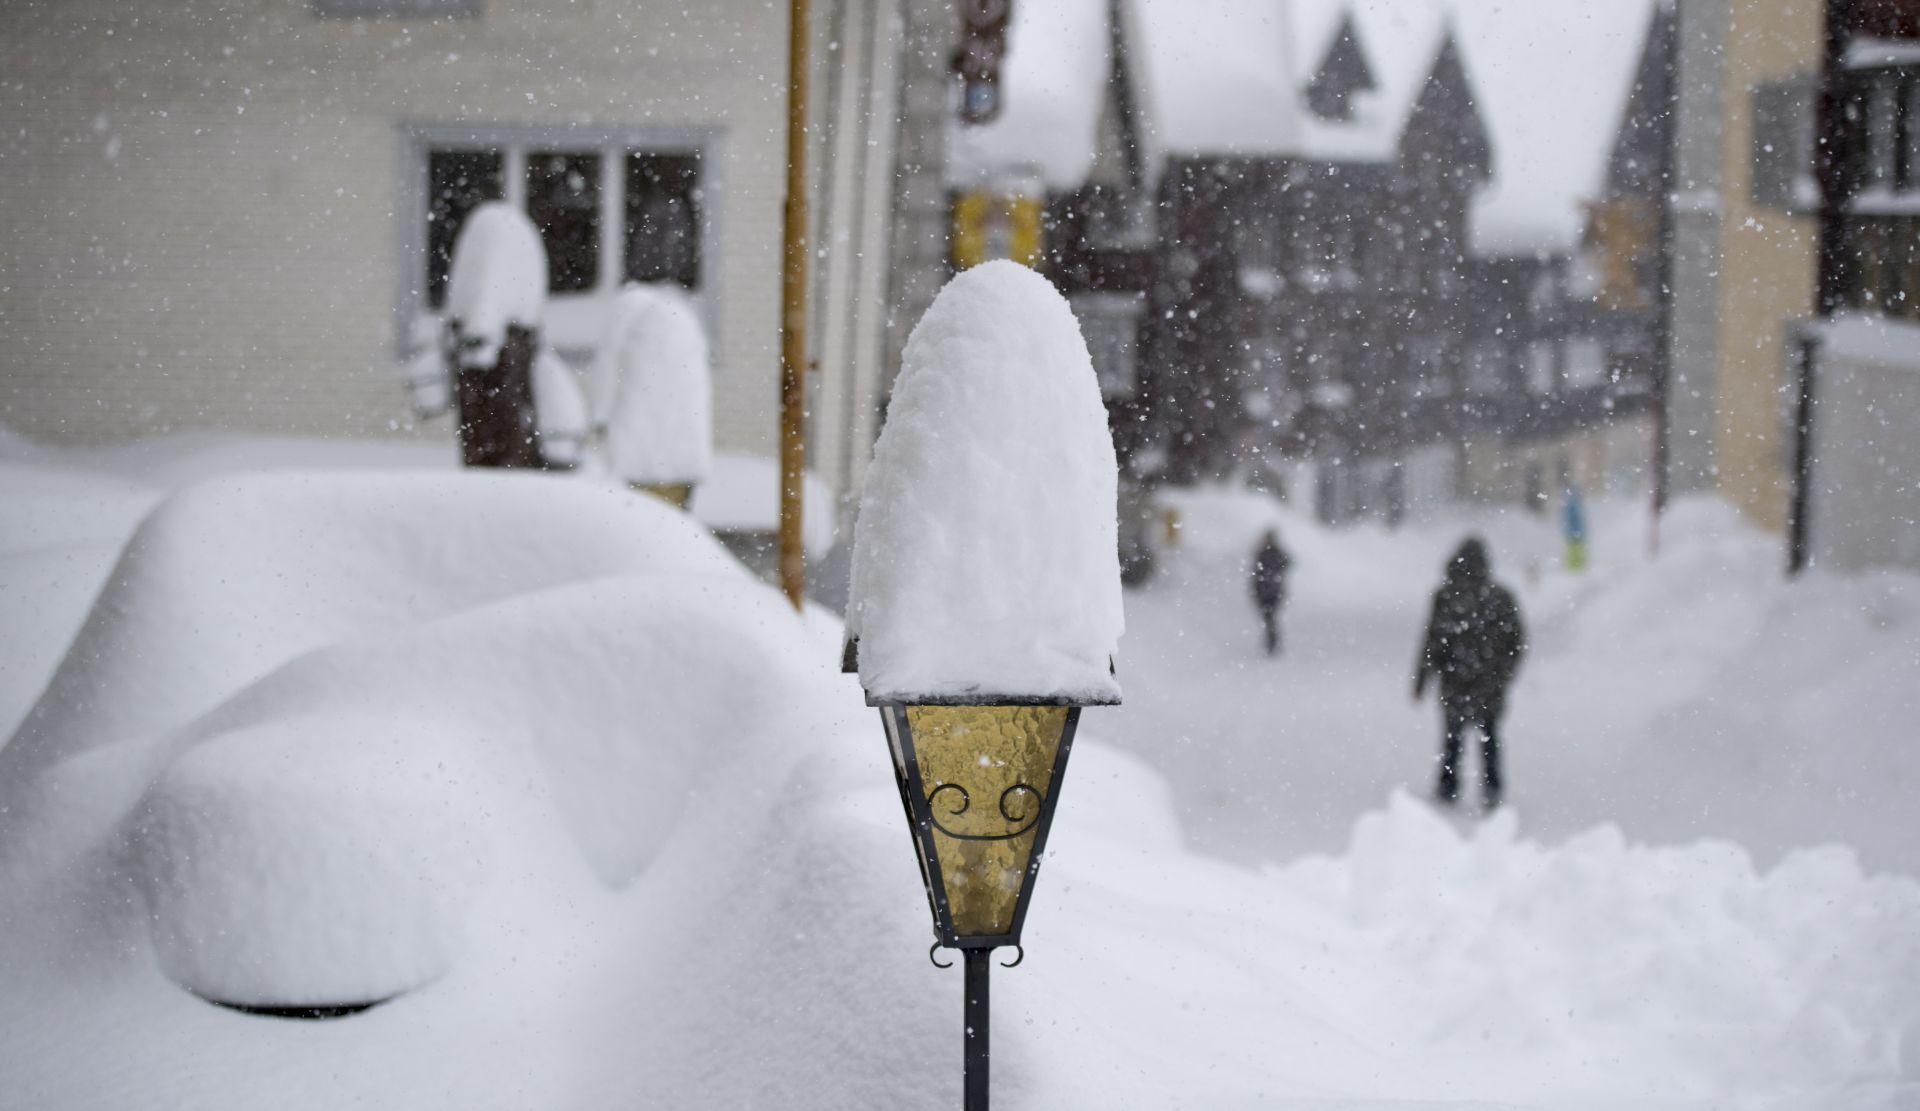 Alpsko područje očekuje još snijega, visoka opasnost od lavina